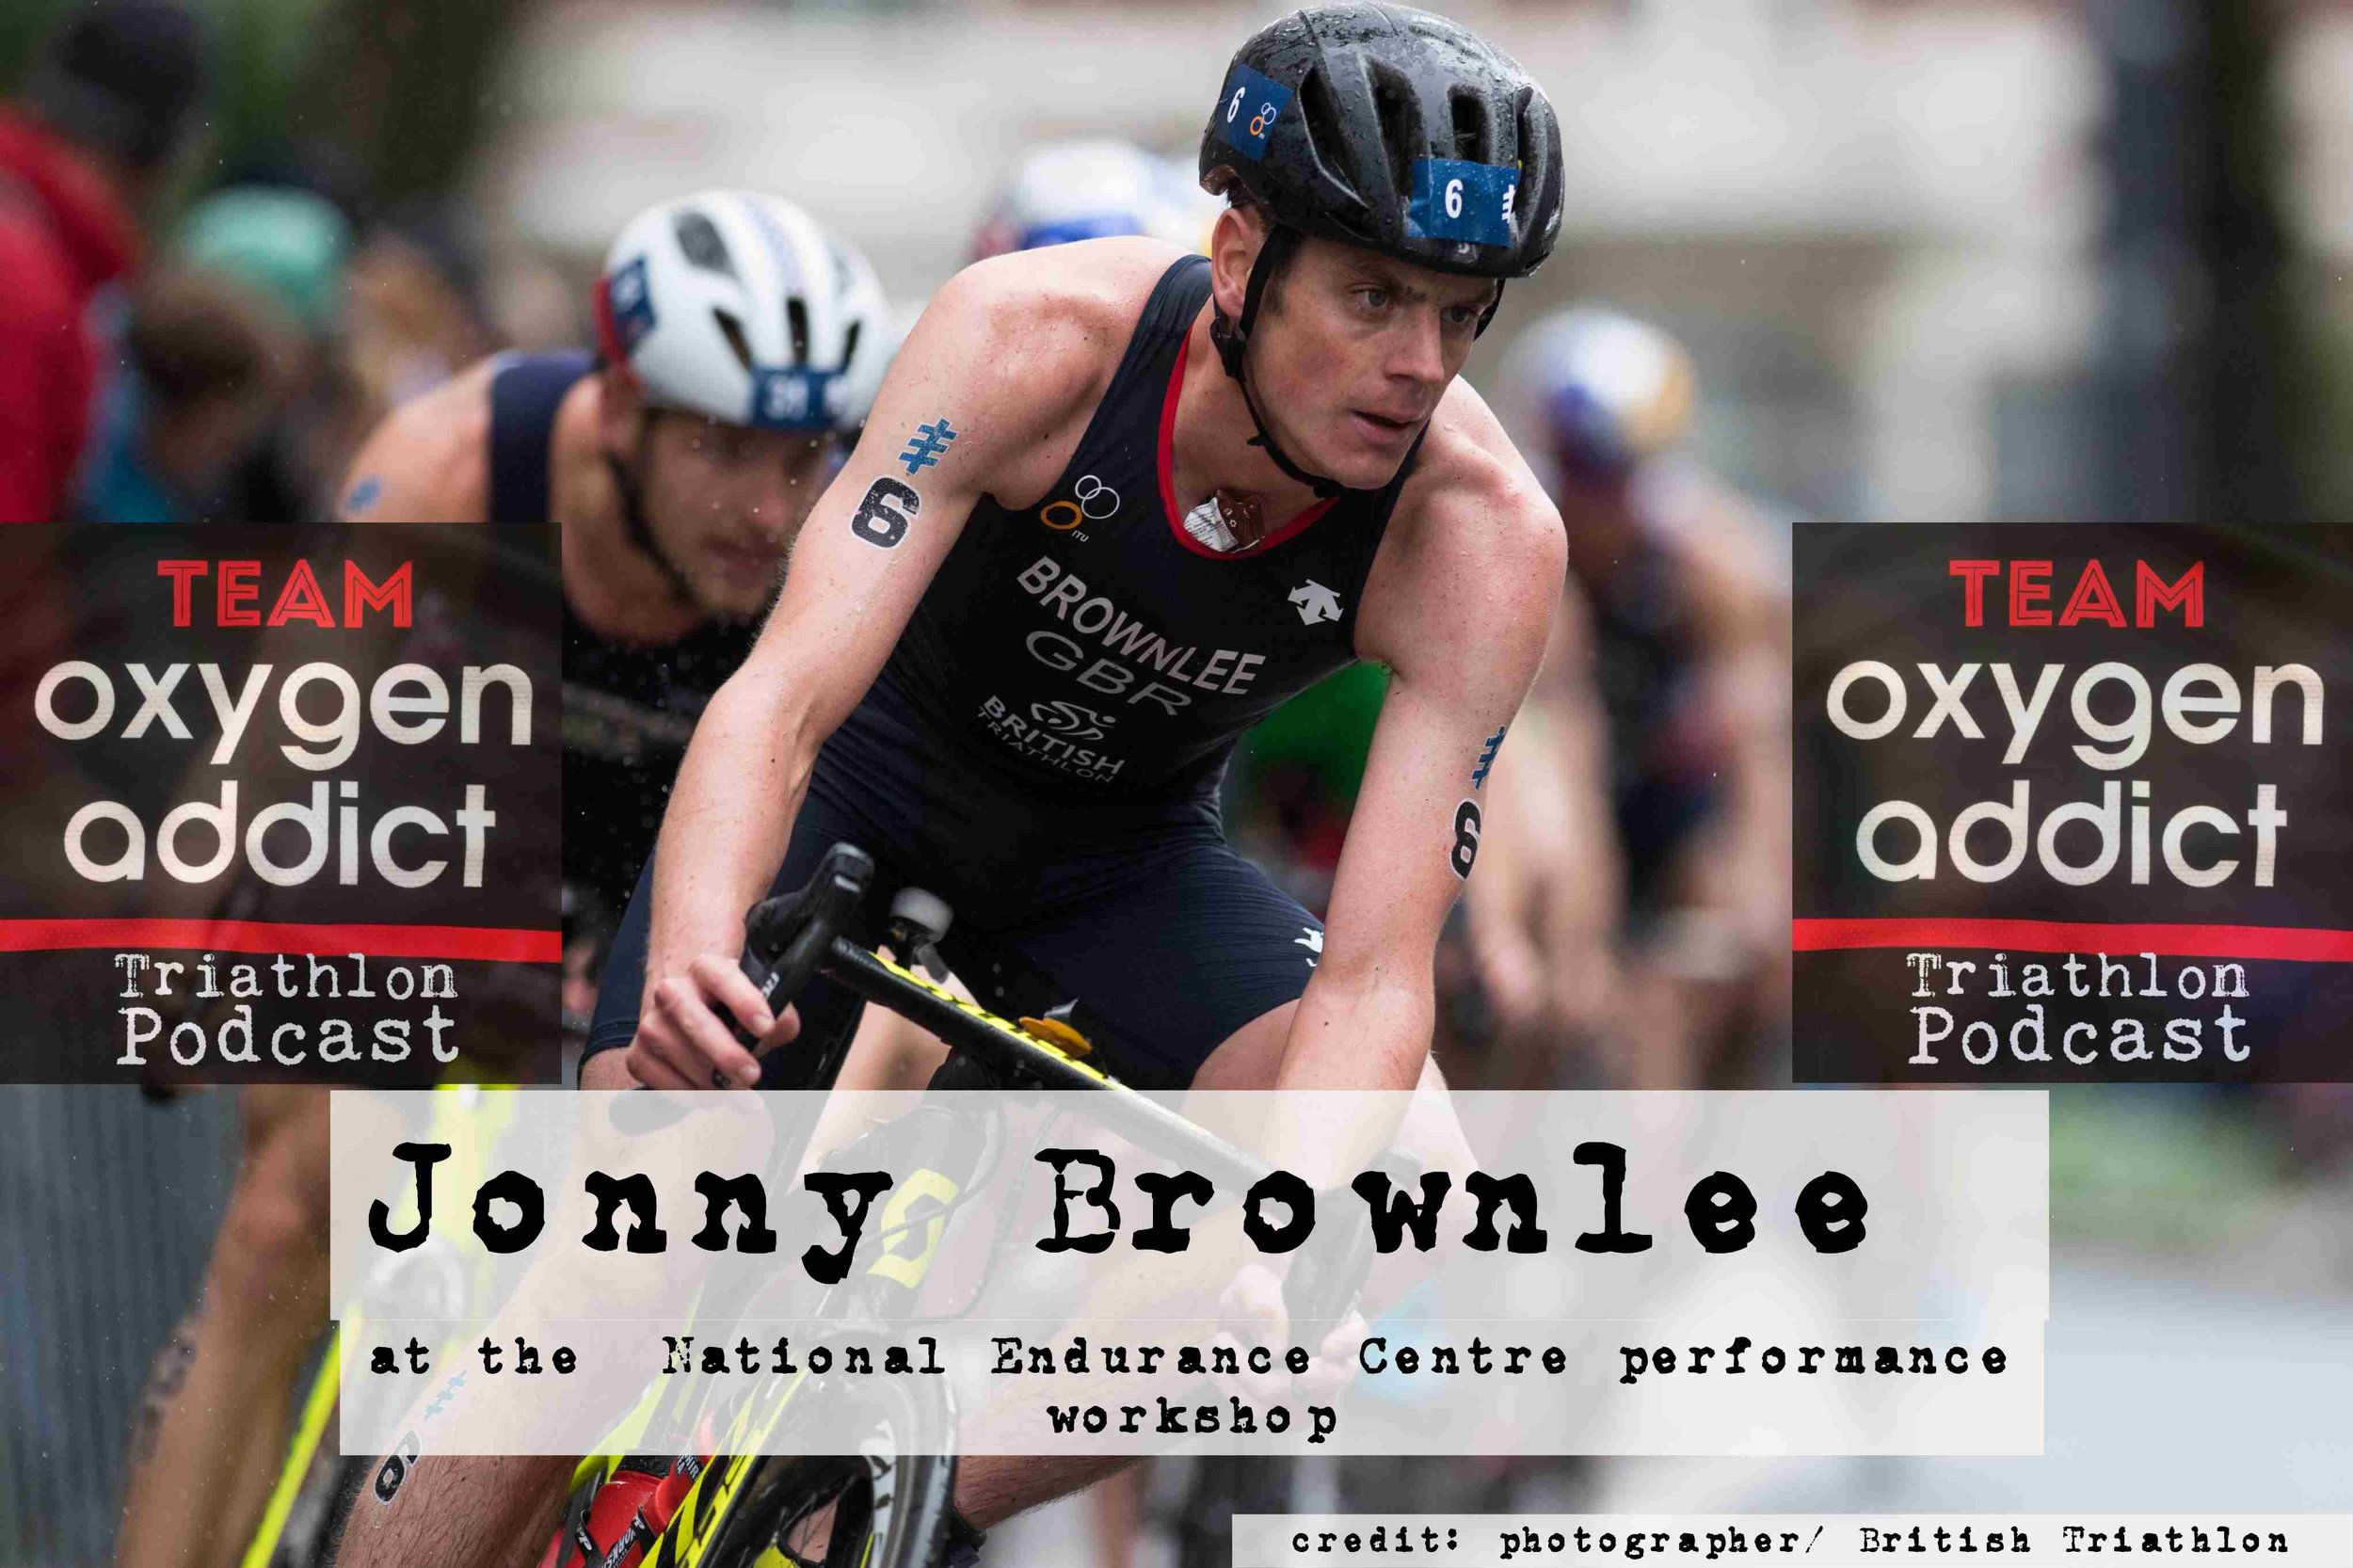 jonny brownlee OAP.jpg